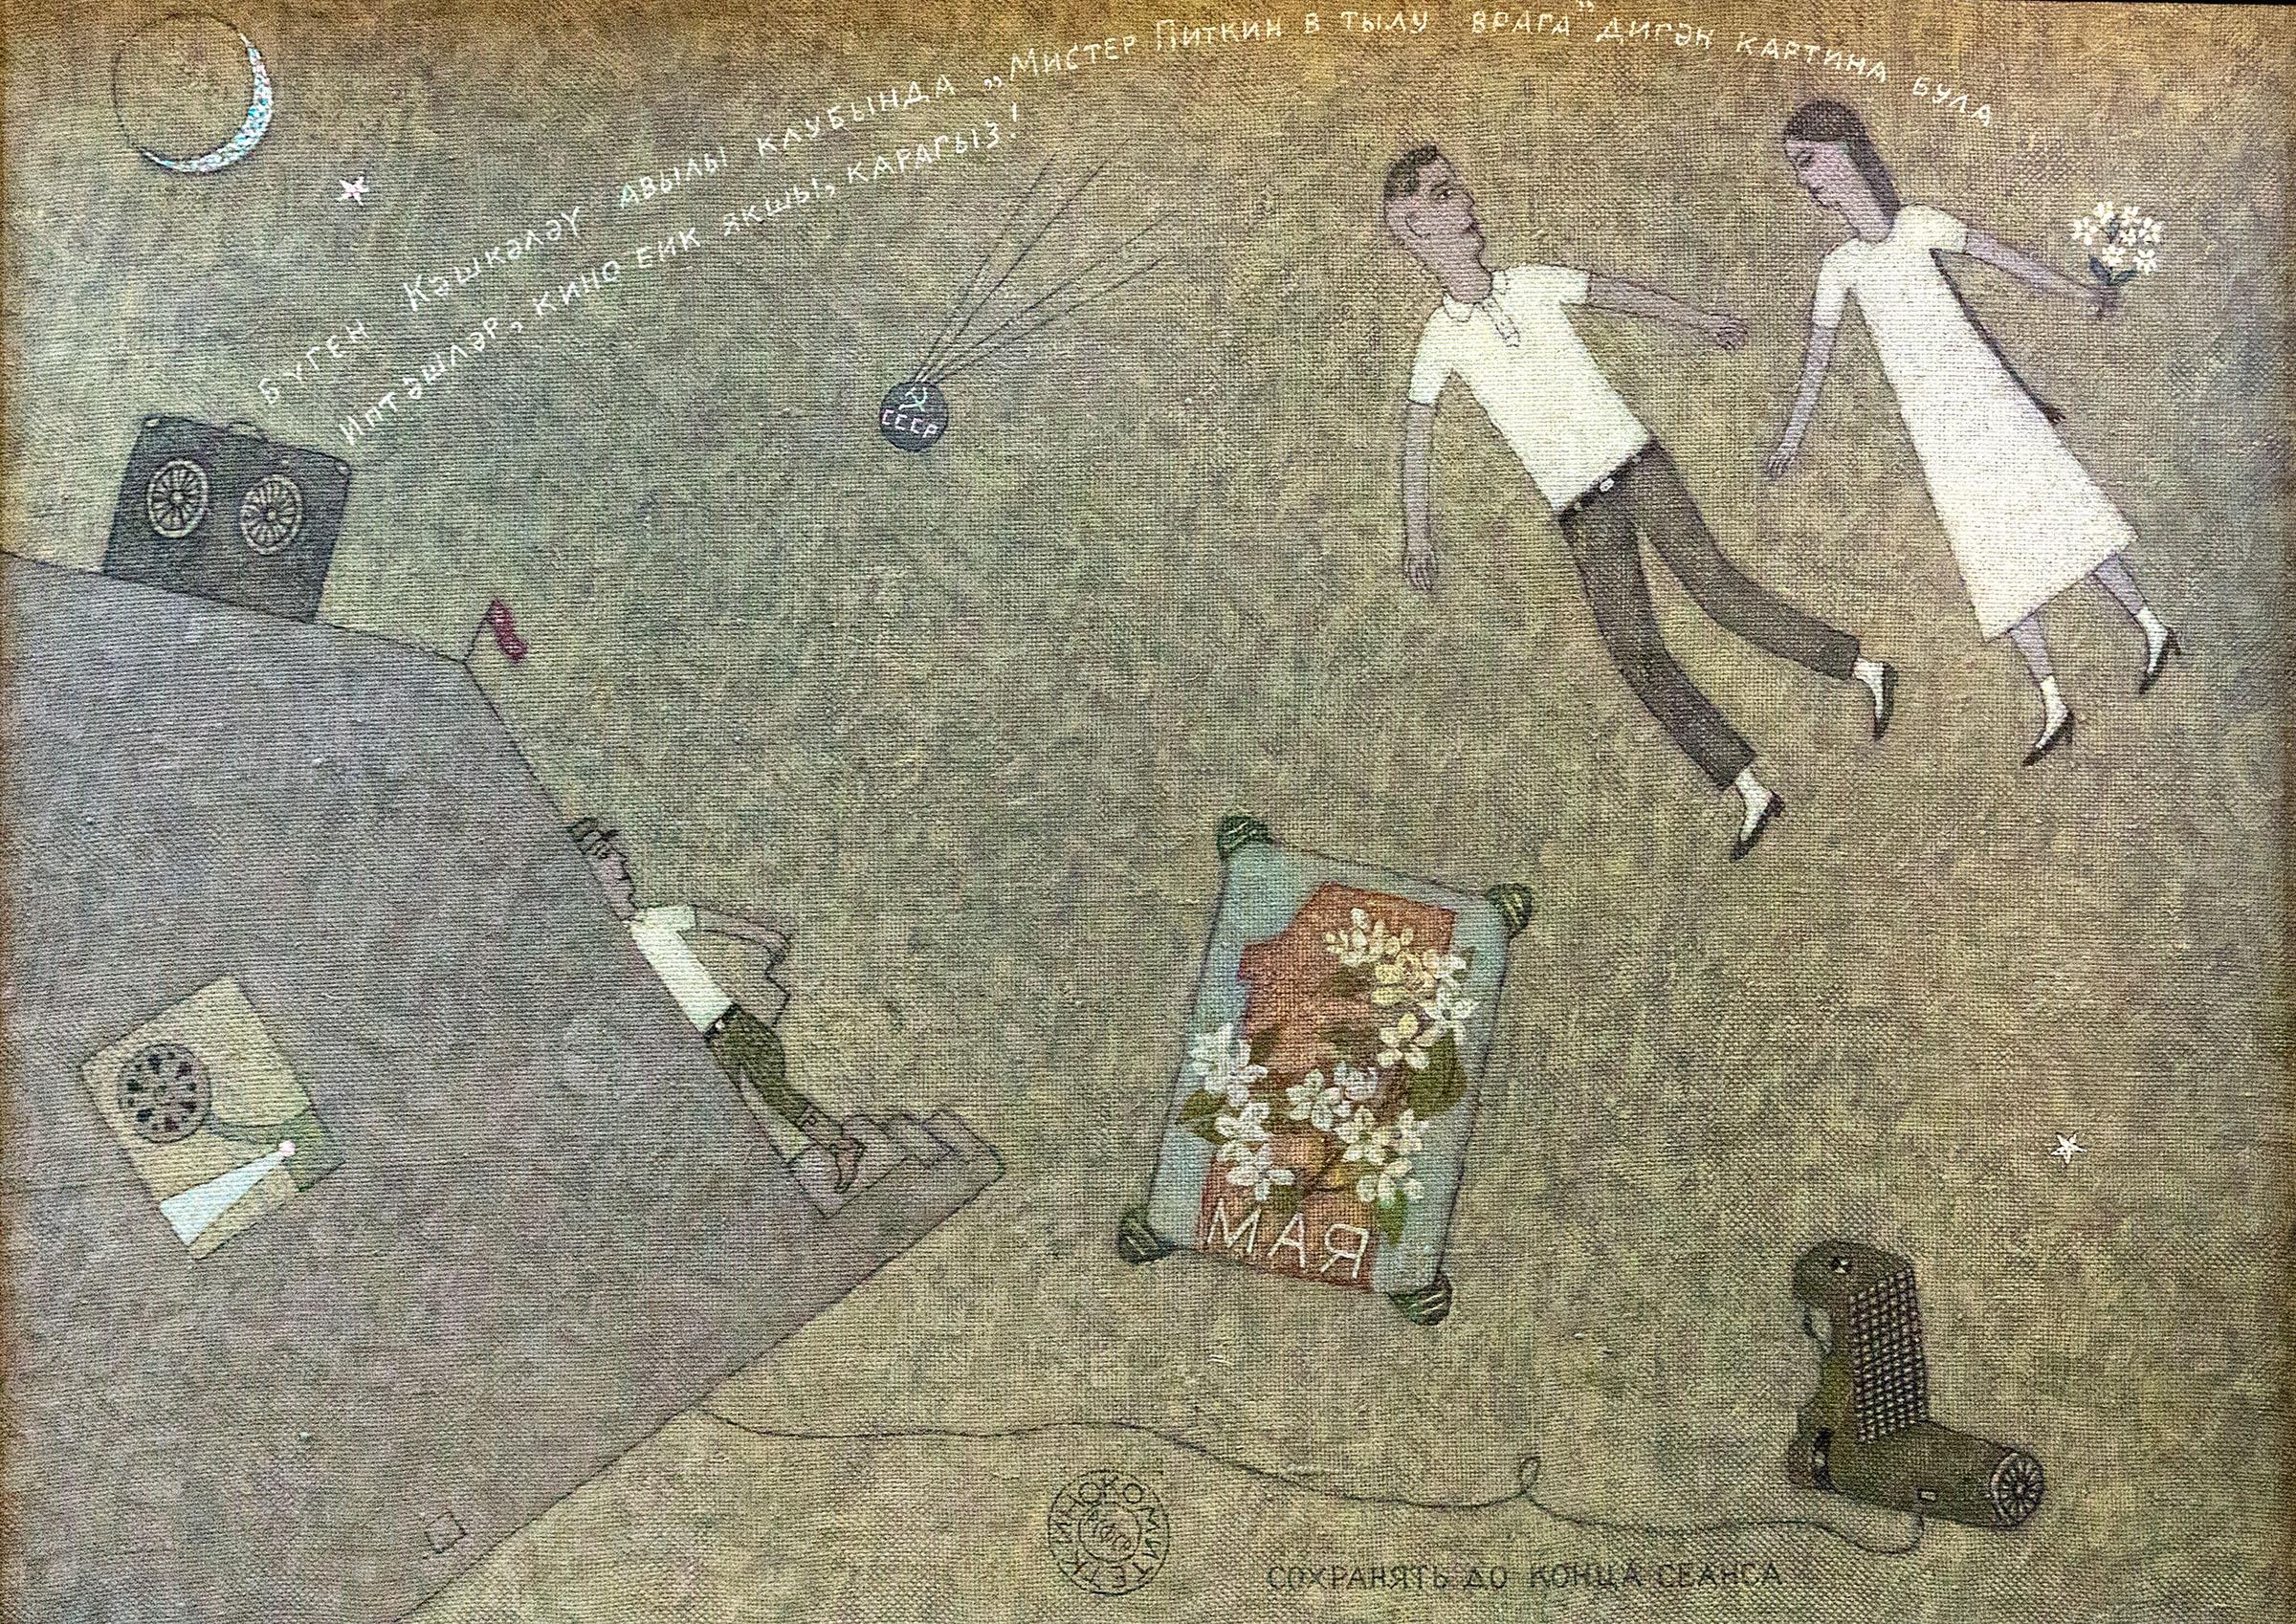 Черно-белое кино. 2003. Ринат Харисов::«Родник любви и вдохновения». Выставка из коллекции Фонда Марджани